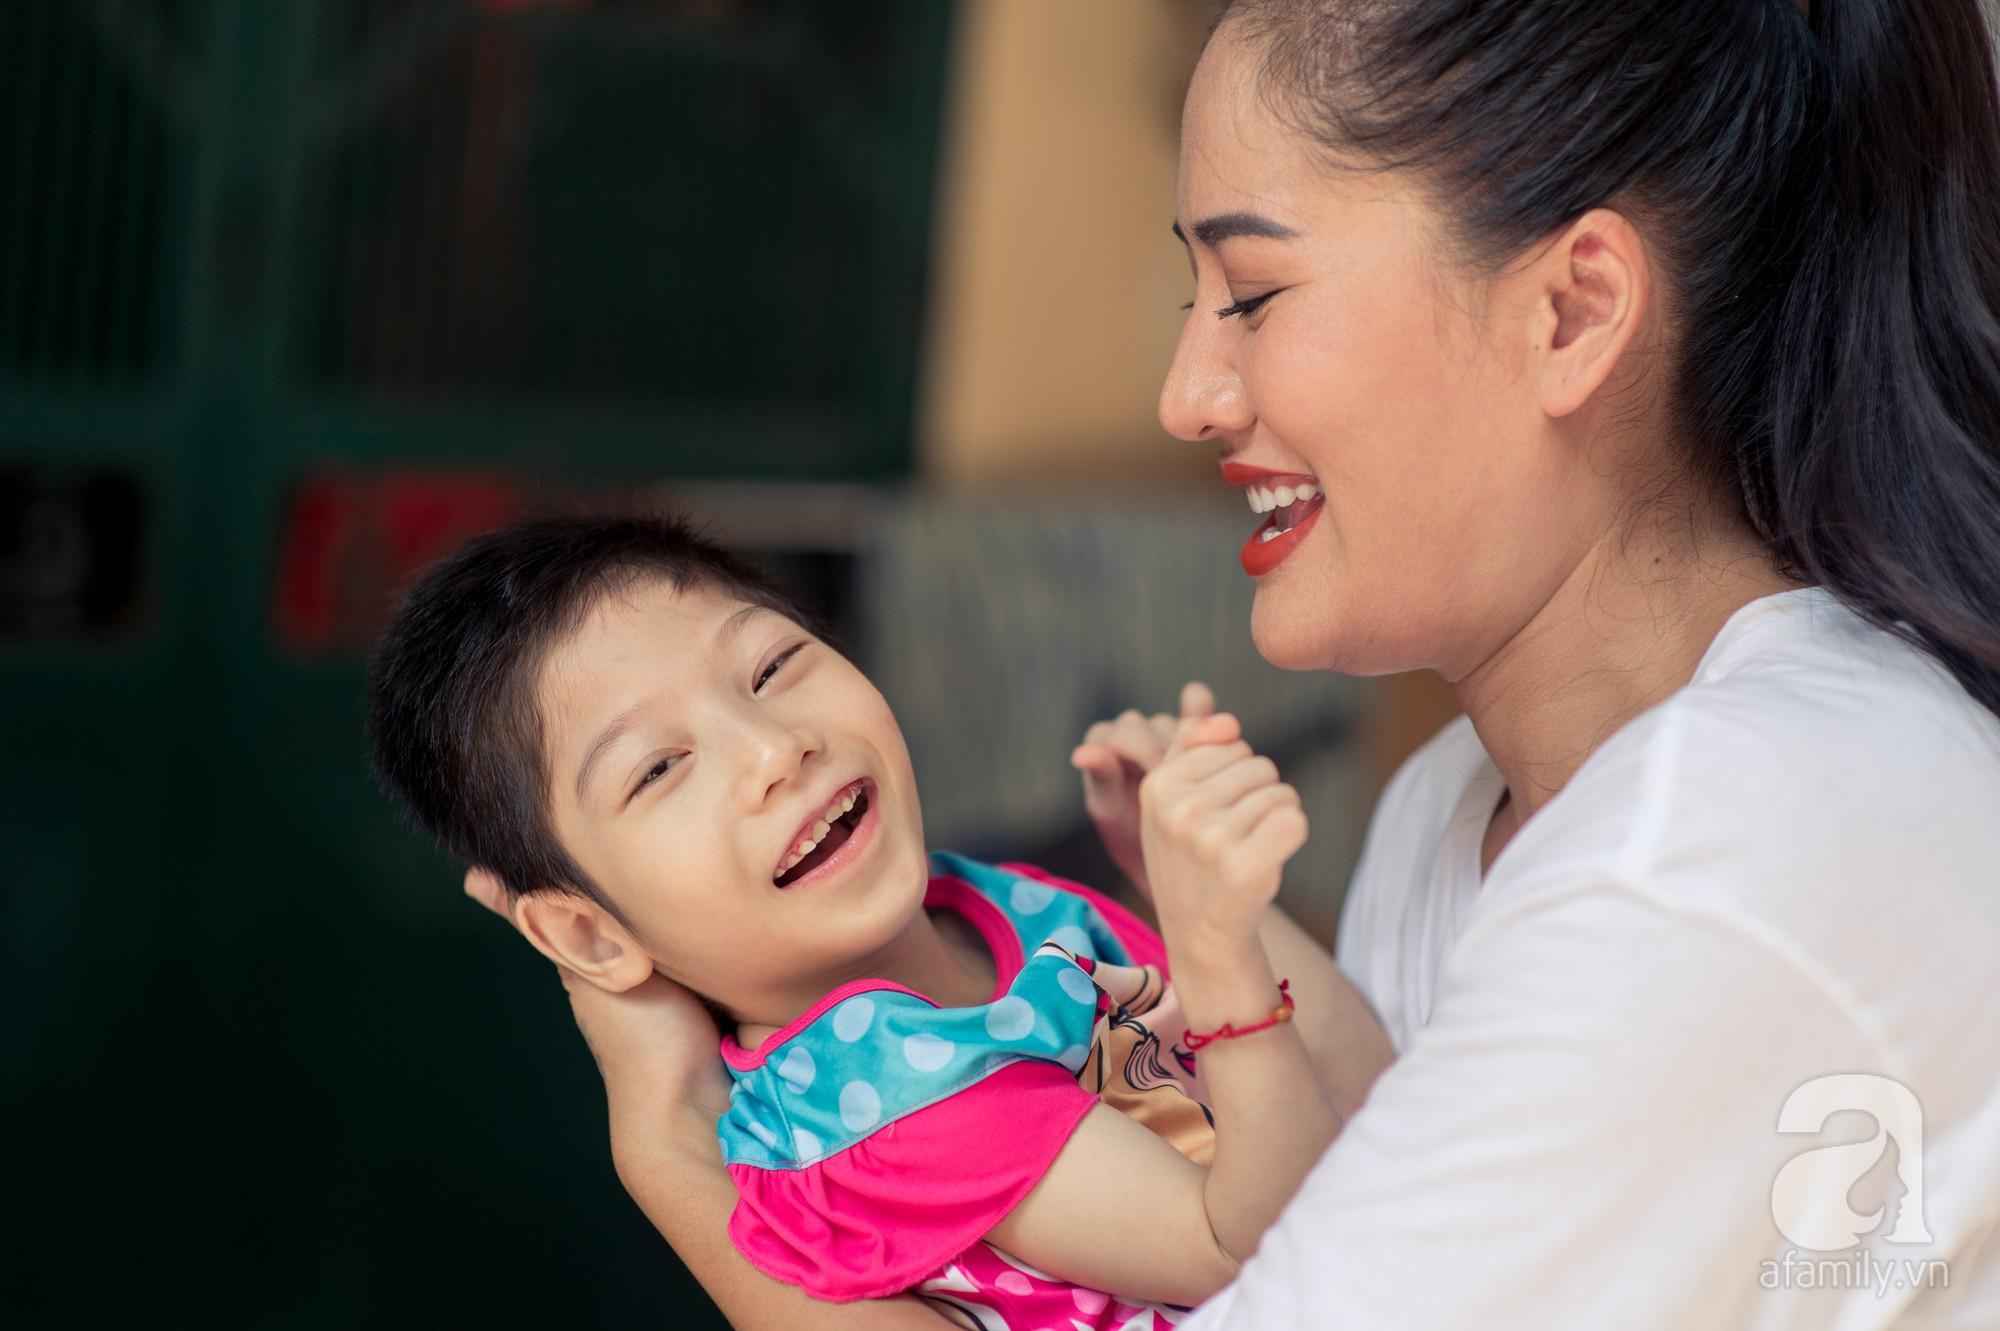 Minh Cúc Về nhà đi con kể về bạn trai từng nghĩ chỉ yêu chơi: Anh ấy muốn làm bố, nhưng tôi không thể sinh con-3